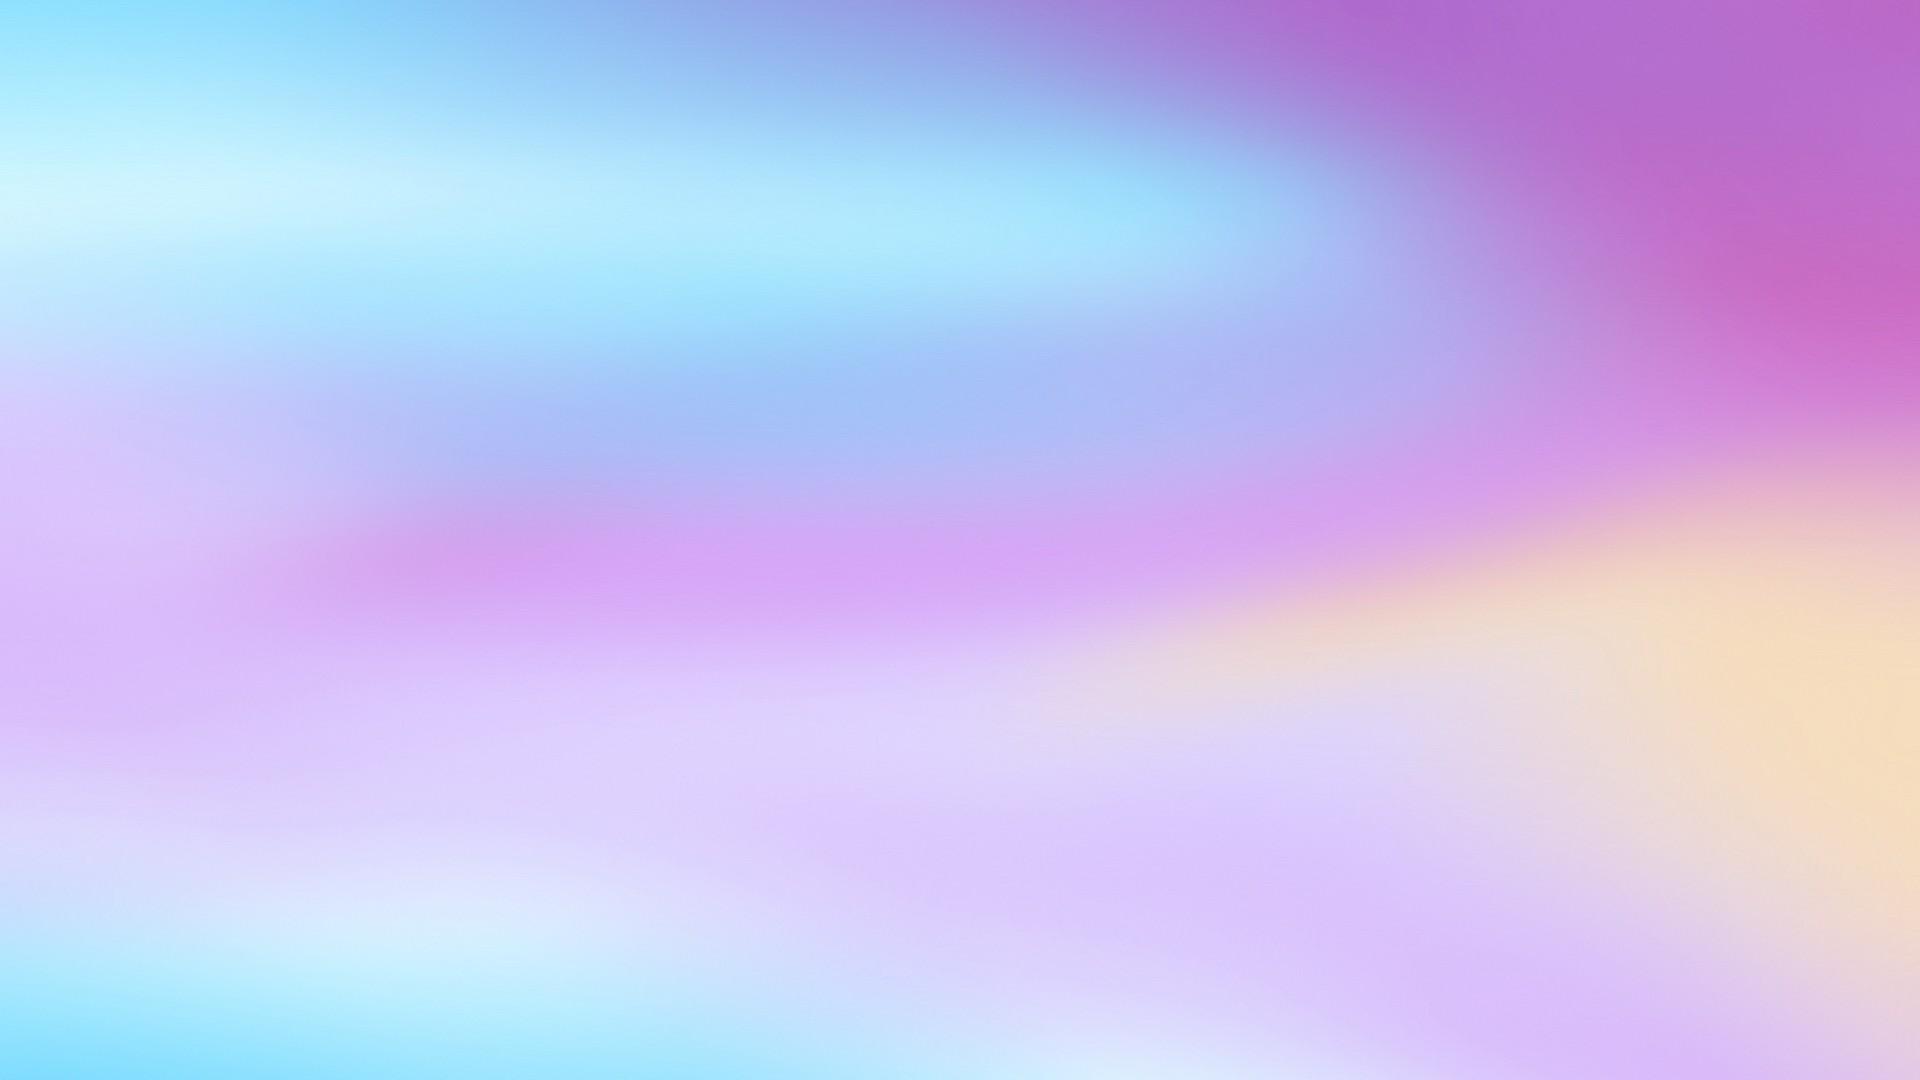 fond d 39 cran lumi re du soleil bleu simple flou horizon cercle atmosph re reflet. Black Bedroom Furniture Sets. Home Design Ideas